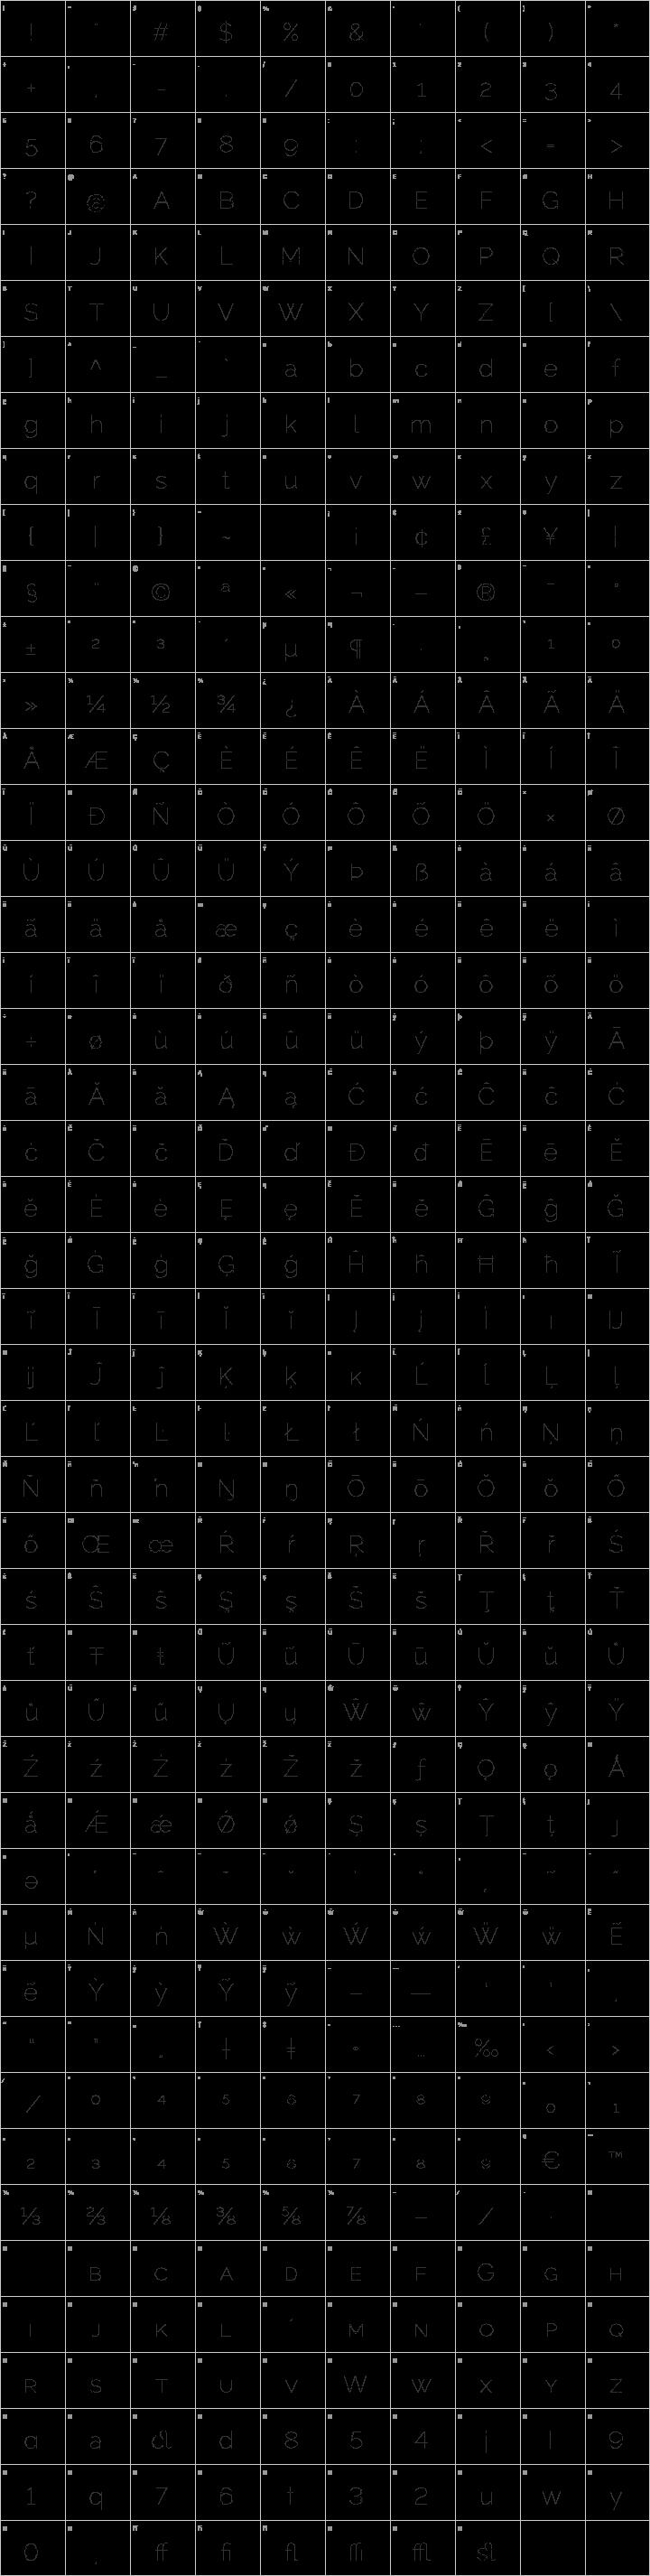 Raleway Dots  Glyph Map